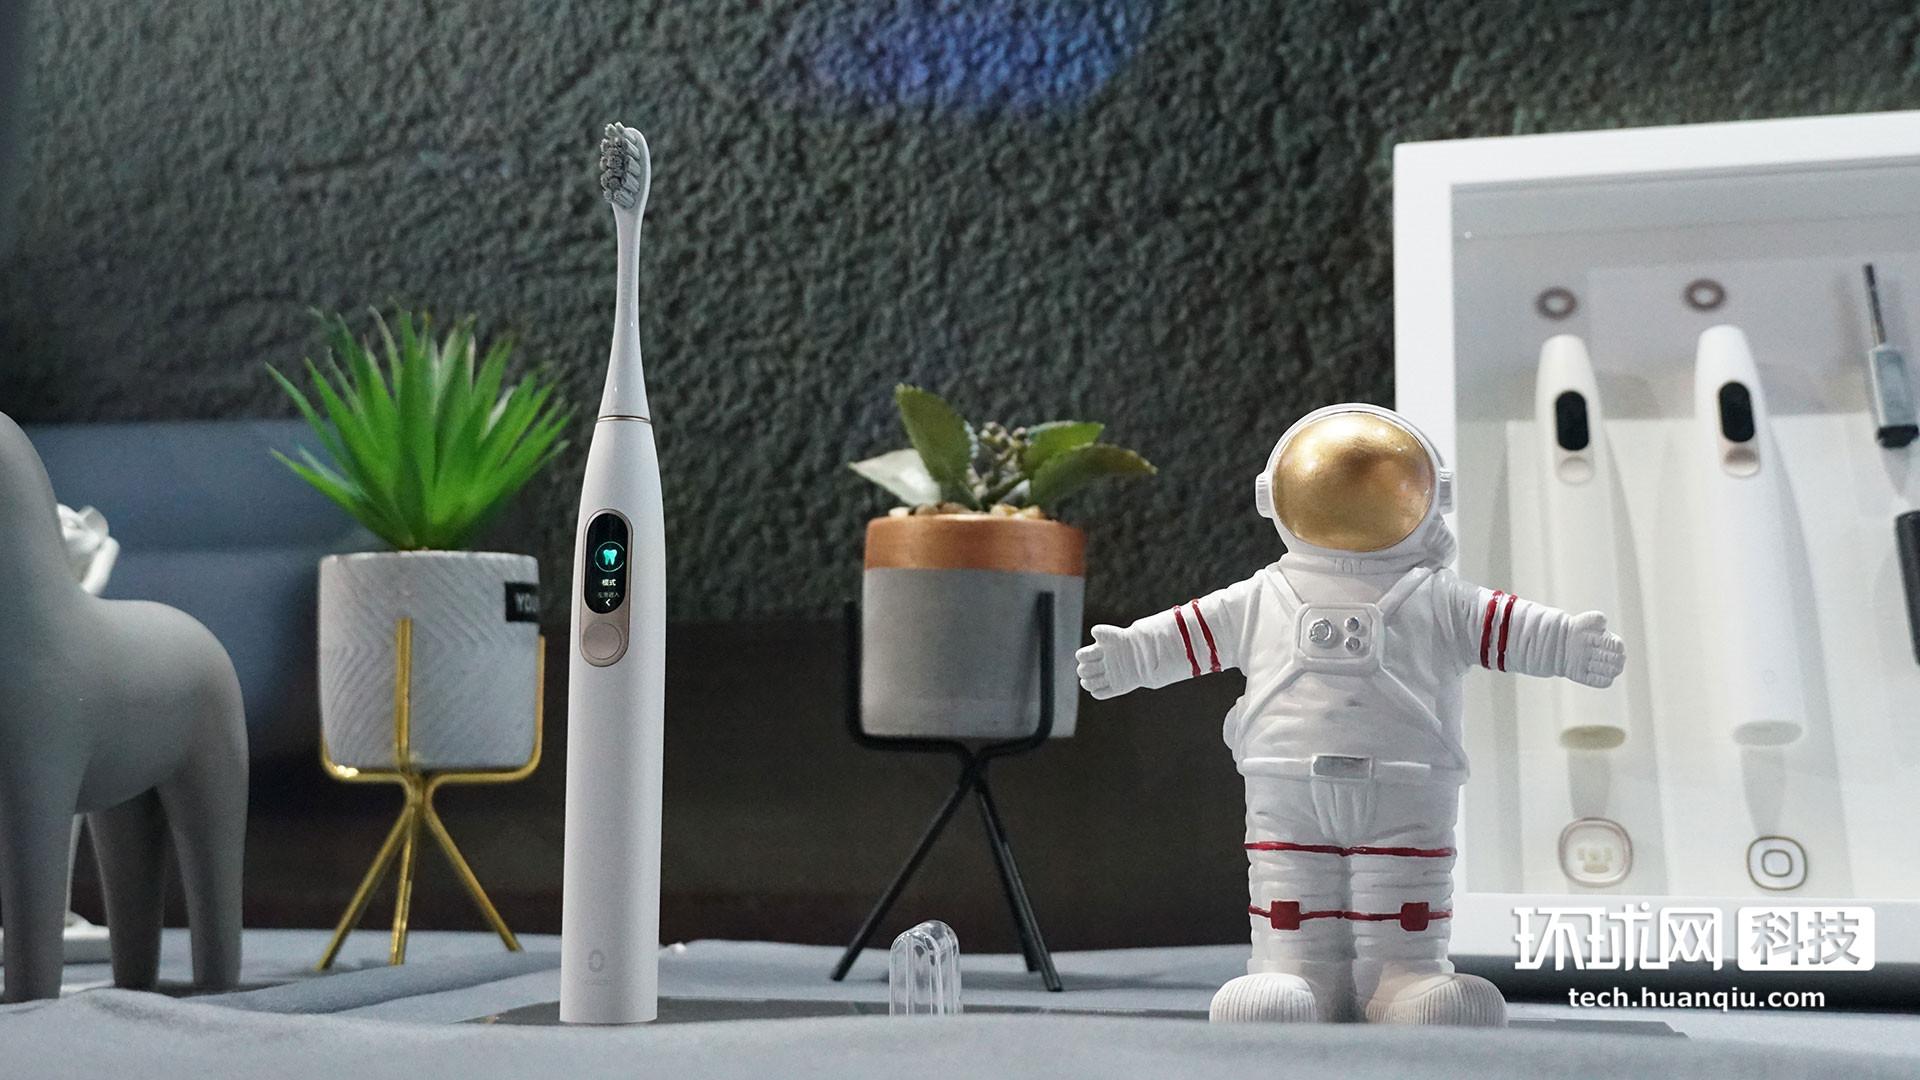 Oclean X智能触屏电动牙刷发布,小米有品众筹仅249元